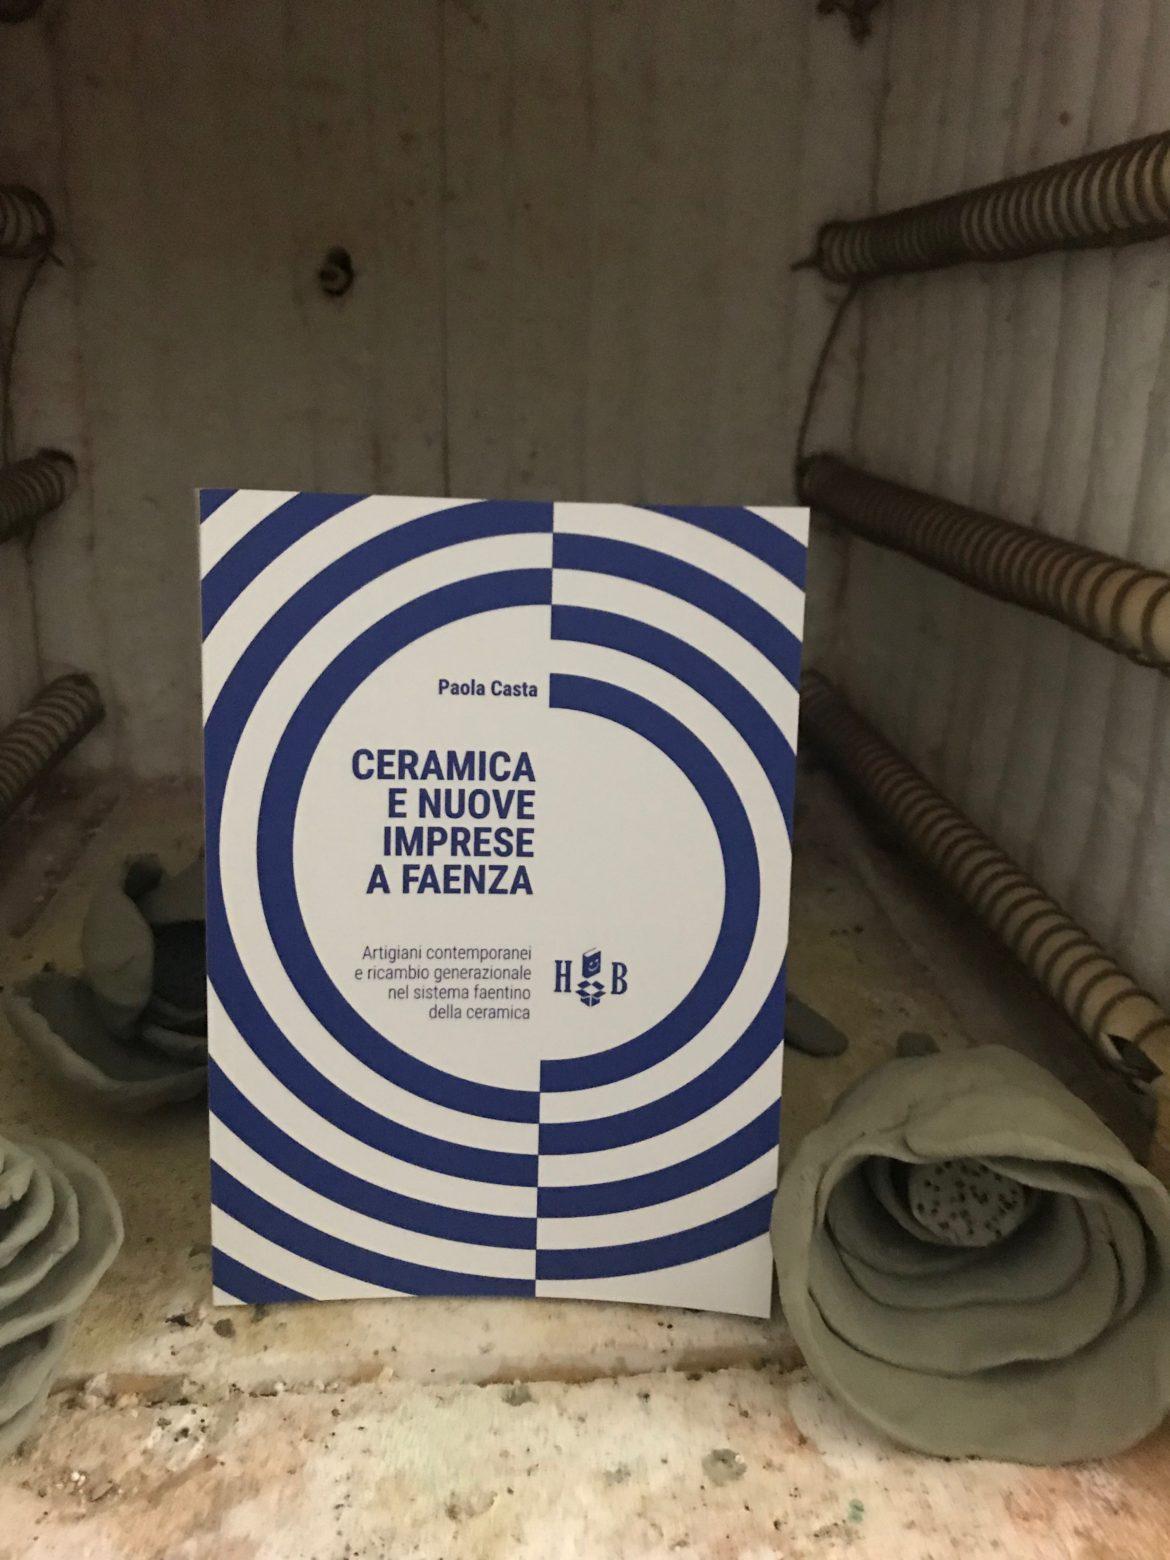 Ceramica_e_nuove_imprese_2